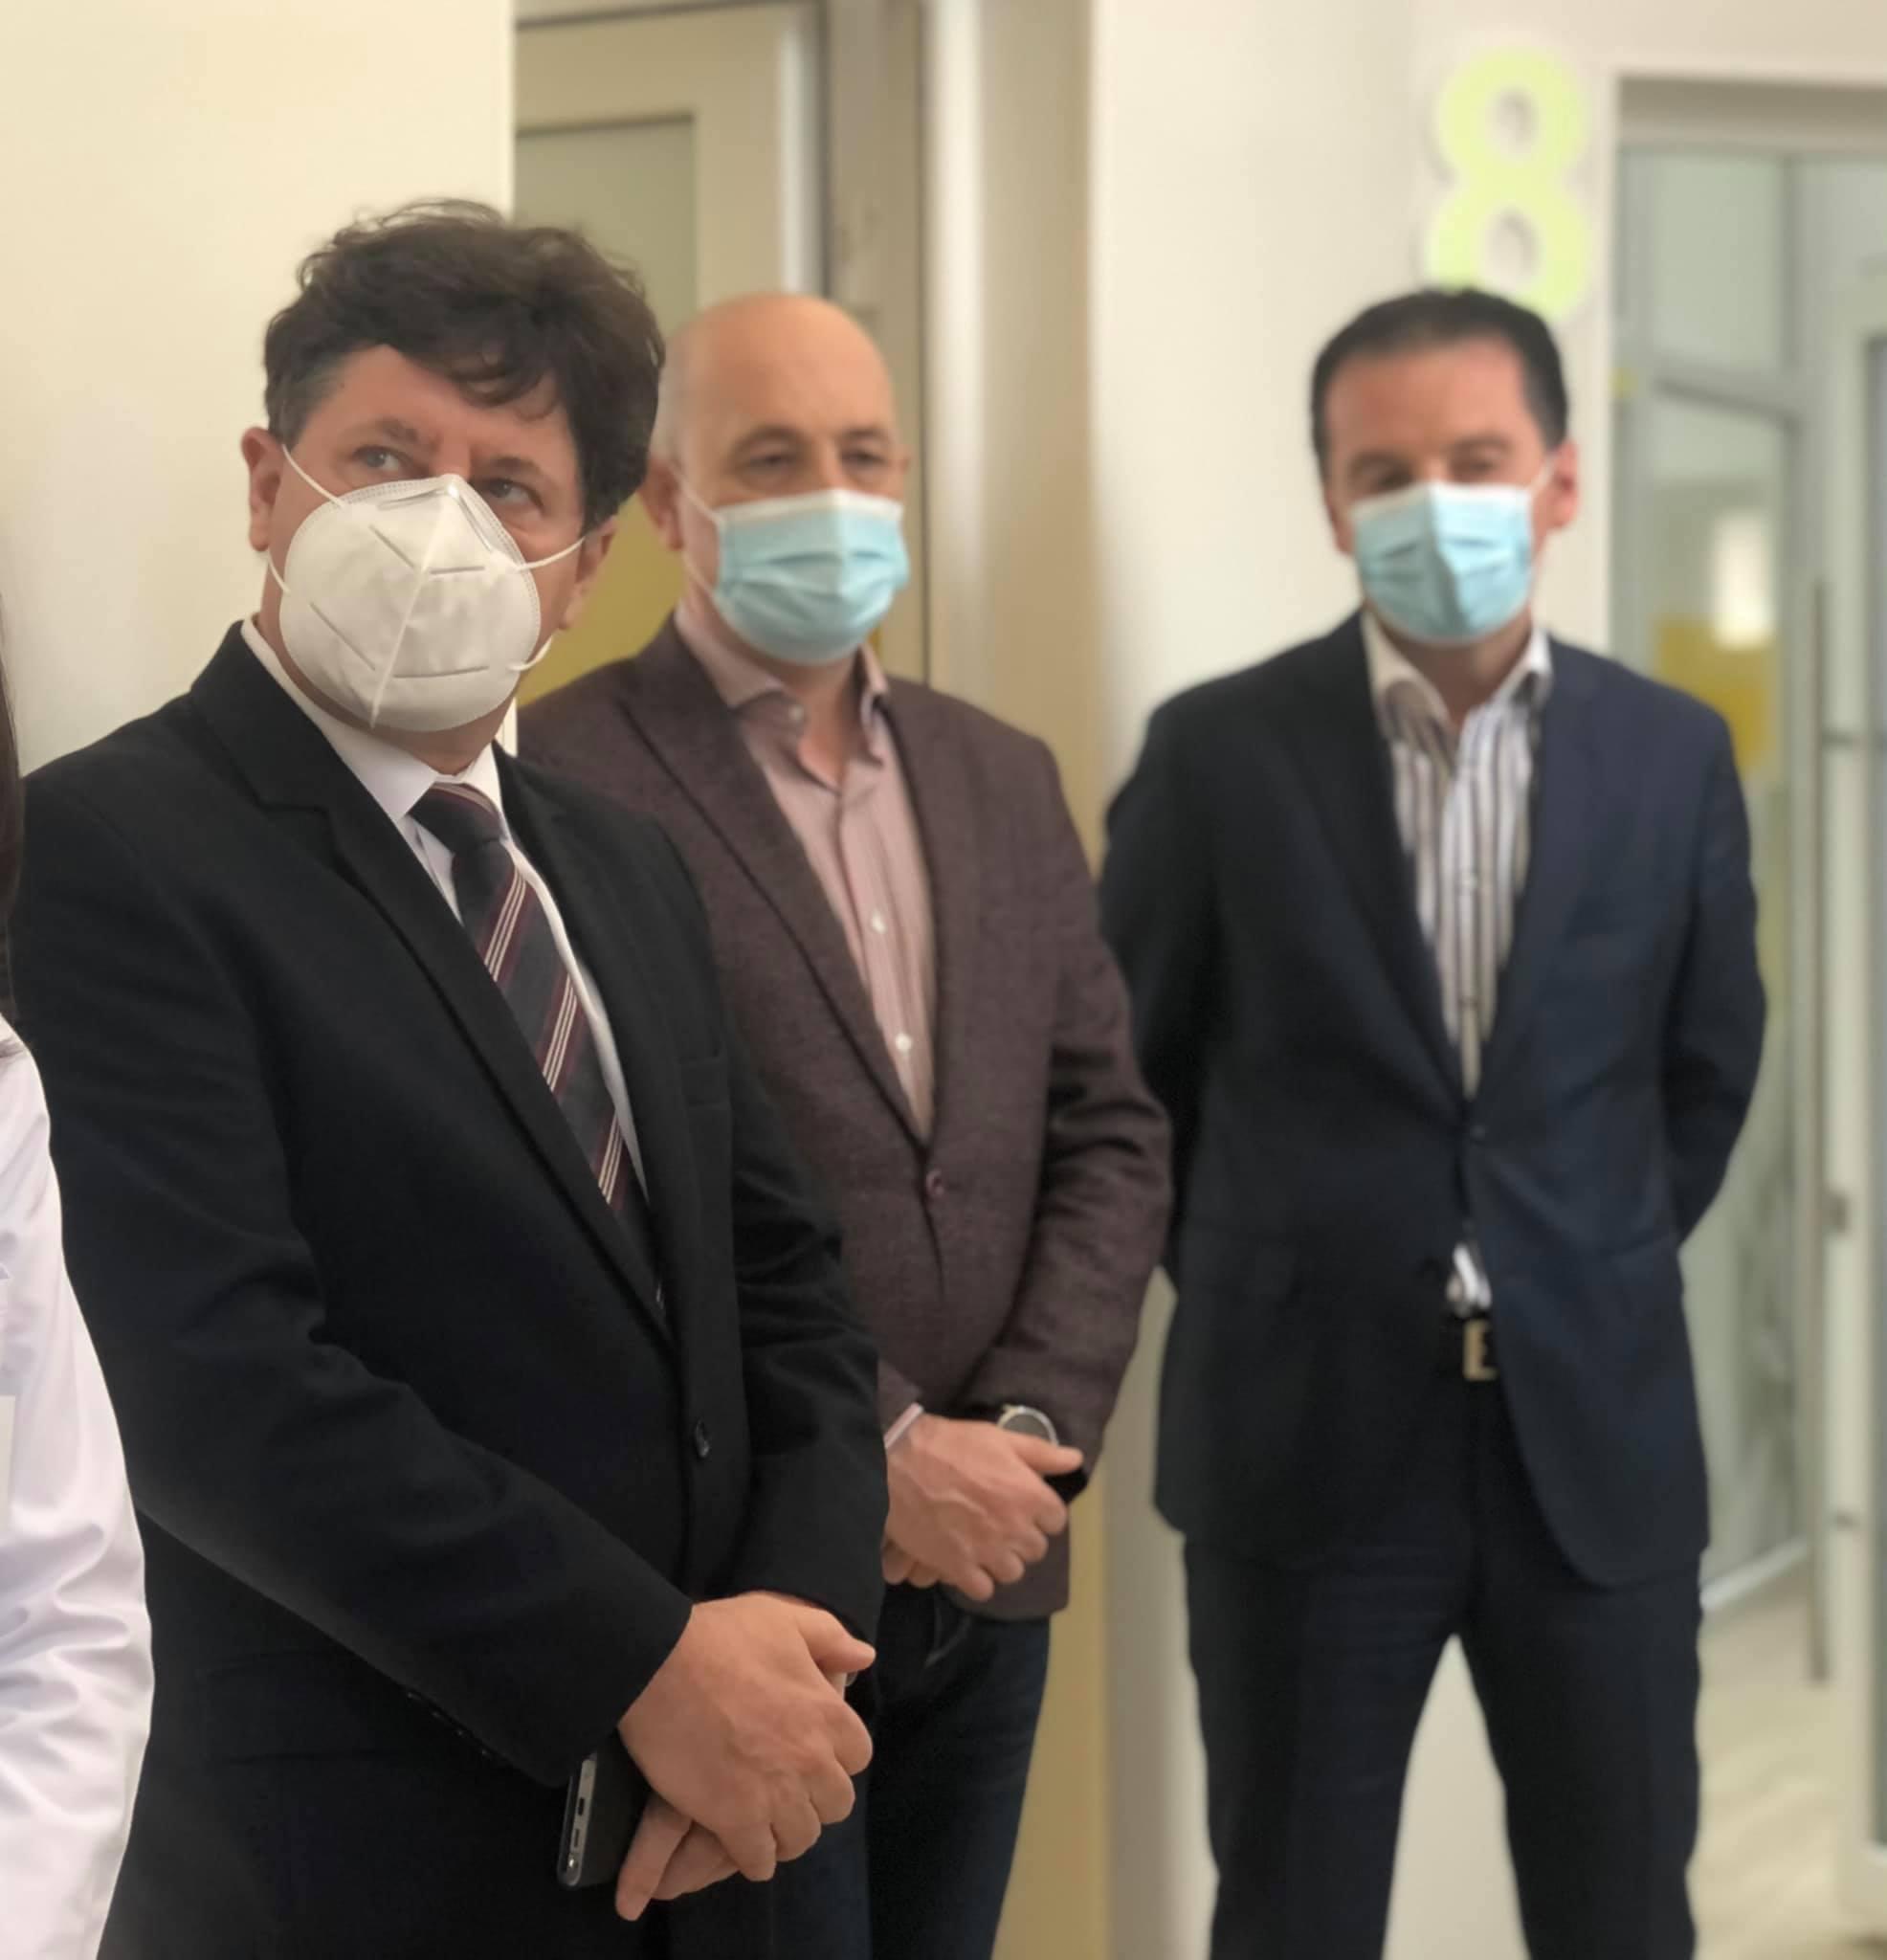 Una dintre cele mai frumoase secții de Pediatrie din România a fost inaugurată la Spitalul Clinic Județean de Urgență Arad, în prezența președintelui Consiliului Județean, Iustin Cionca.